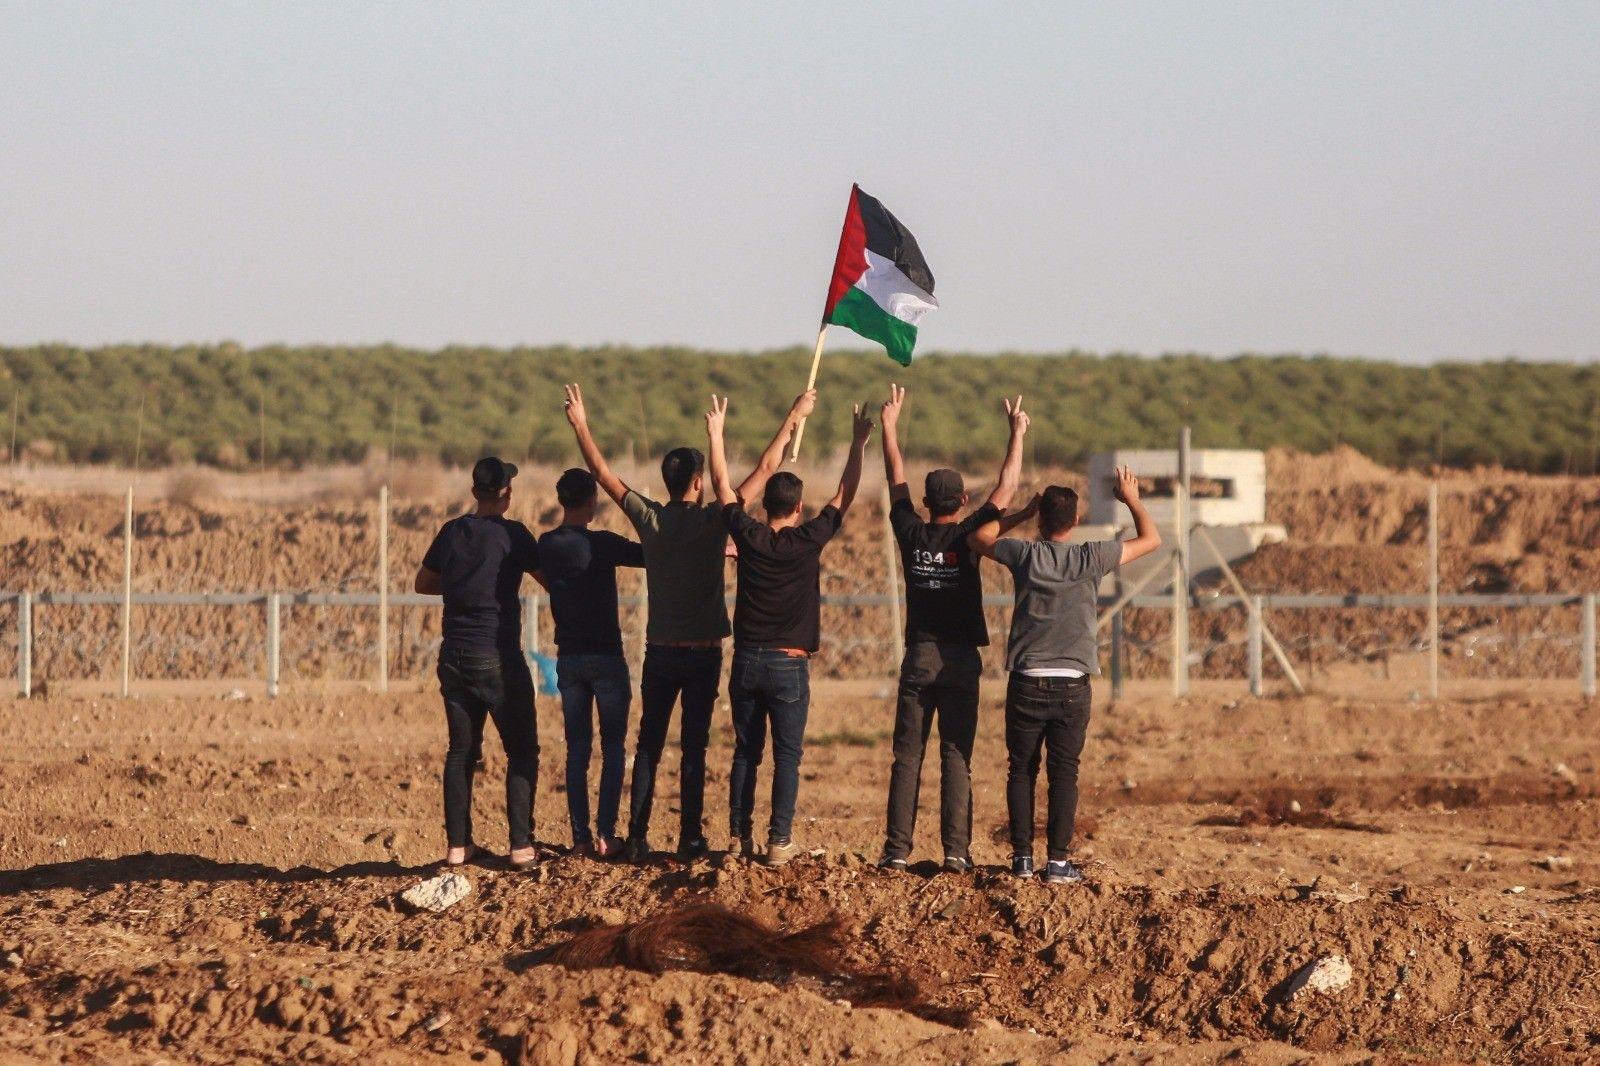 مسيرات العودة الكبرى مستمرة شرق قطاع غزة بعد صرف رواتب لموظفي غزة صورة من الارشيف